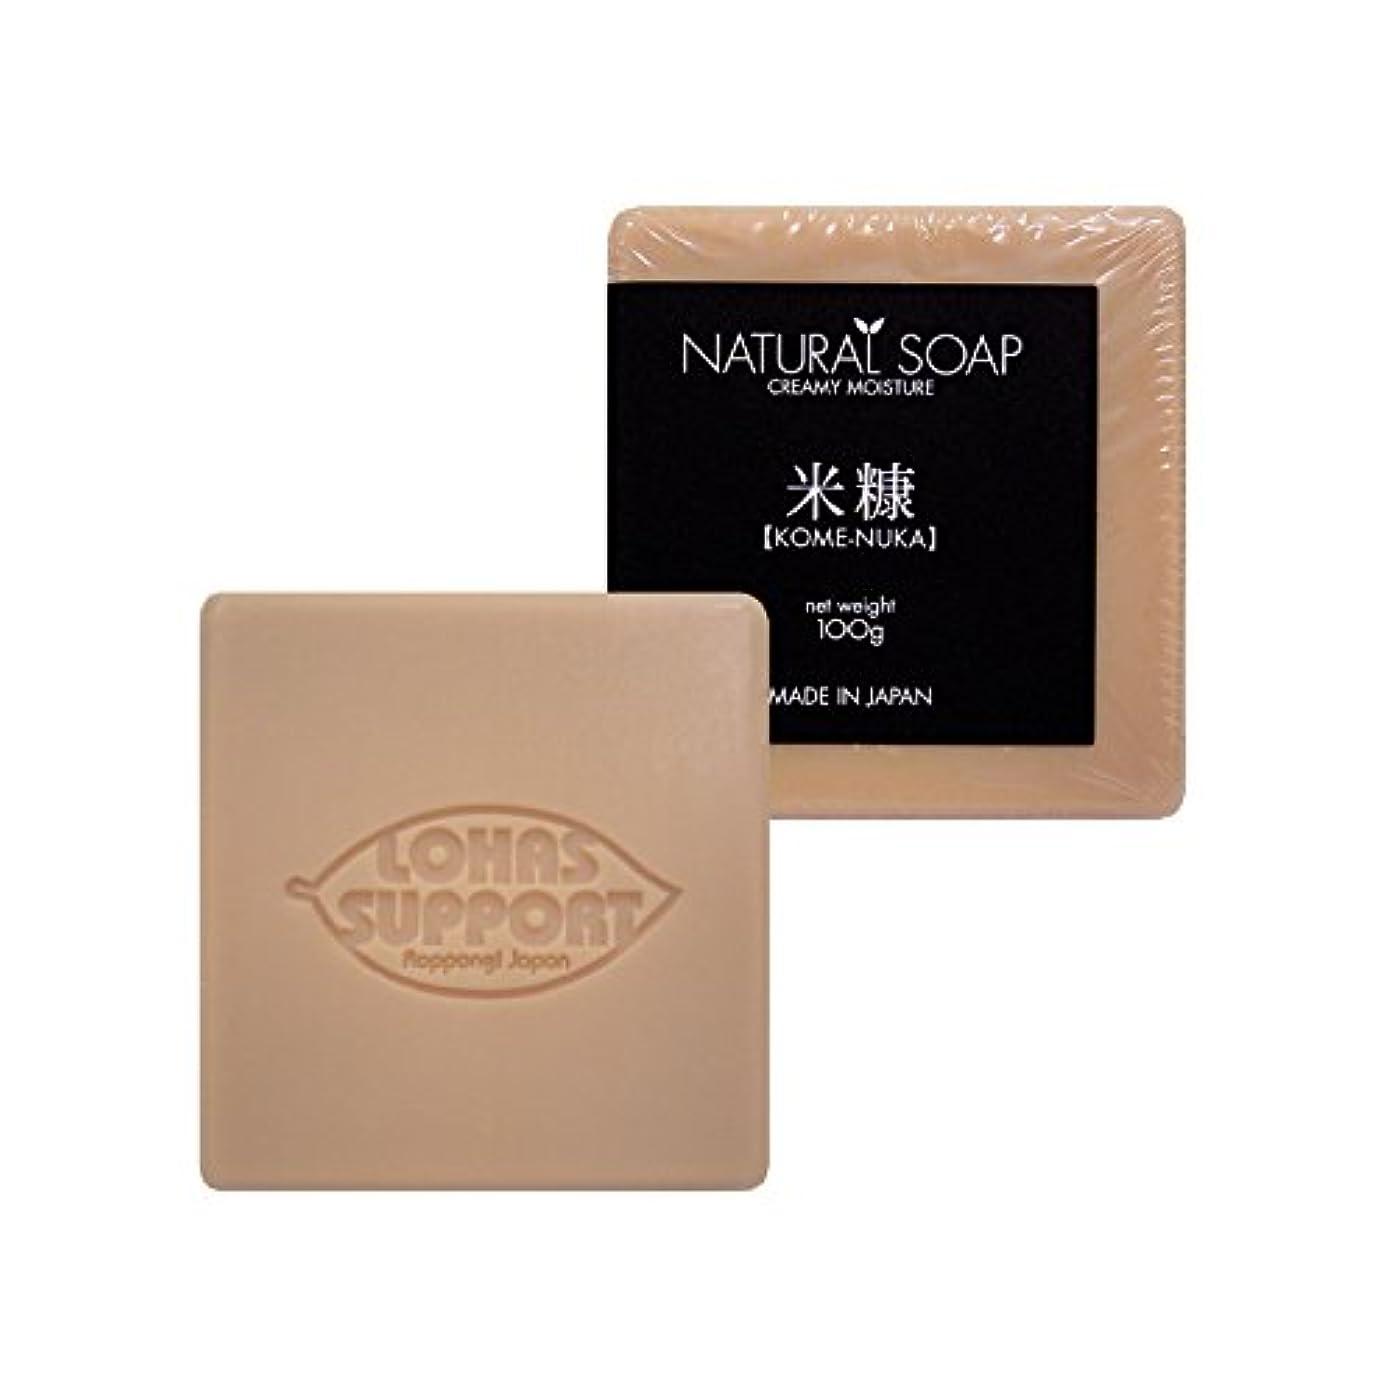 歴史のれんバストNATURAL SOAP